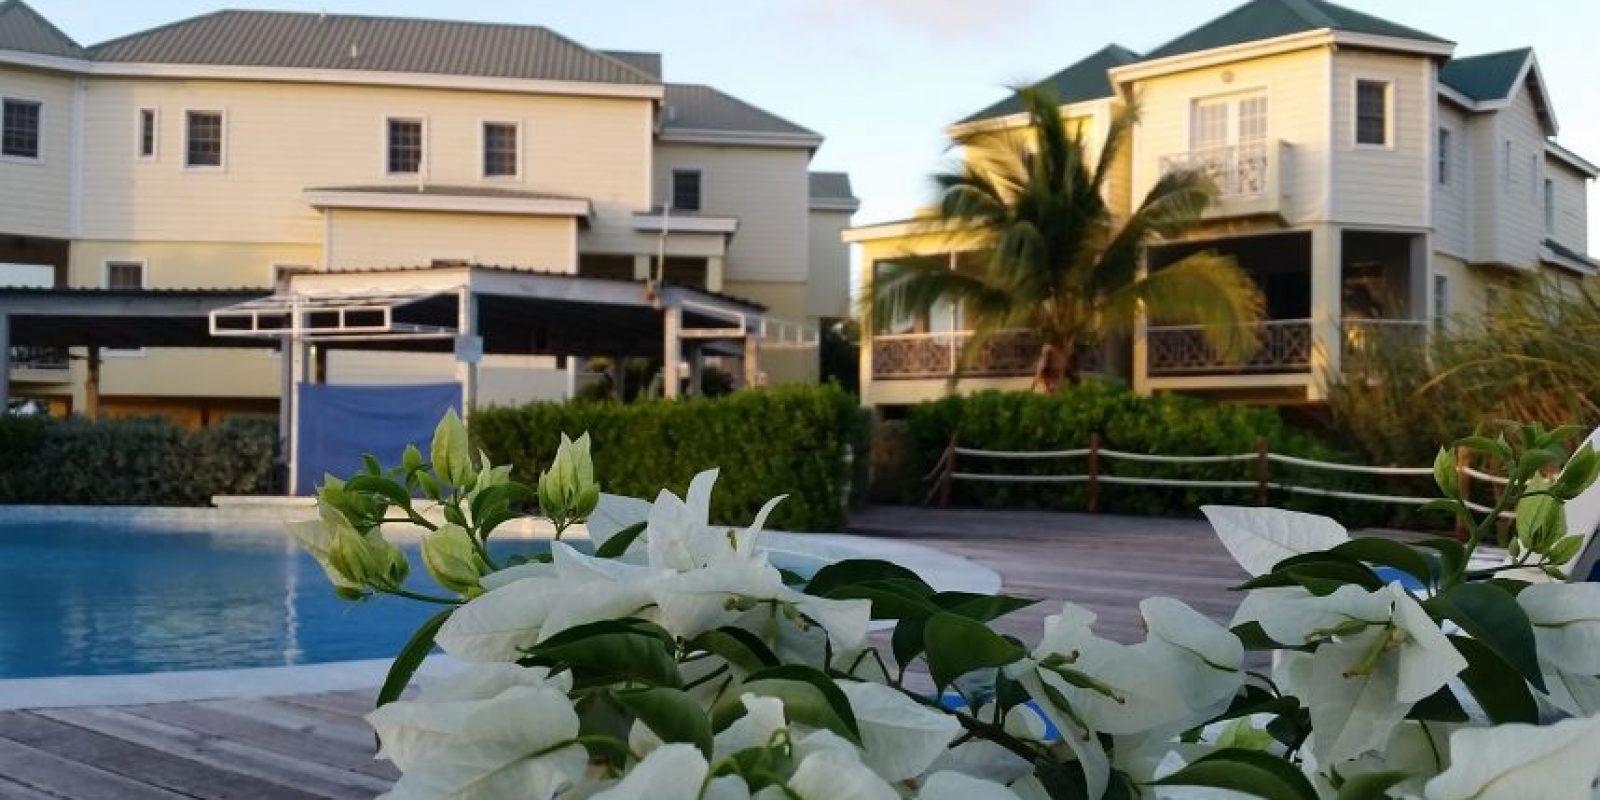 Nelson Spring Beach Resort presenta paquetes para pasadías familiares. Foto:Sonia E. Rivera. Imagen Por: